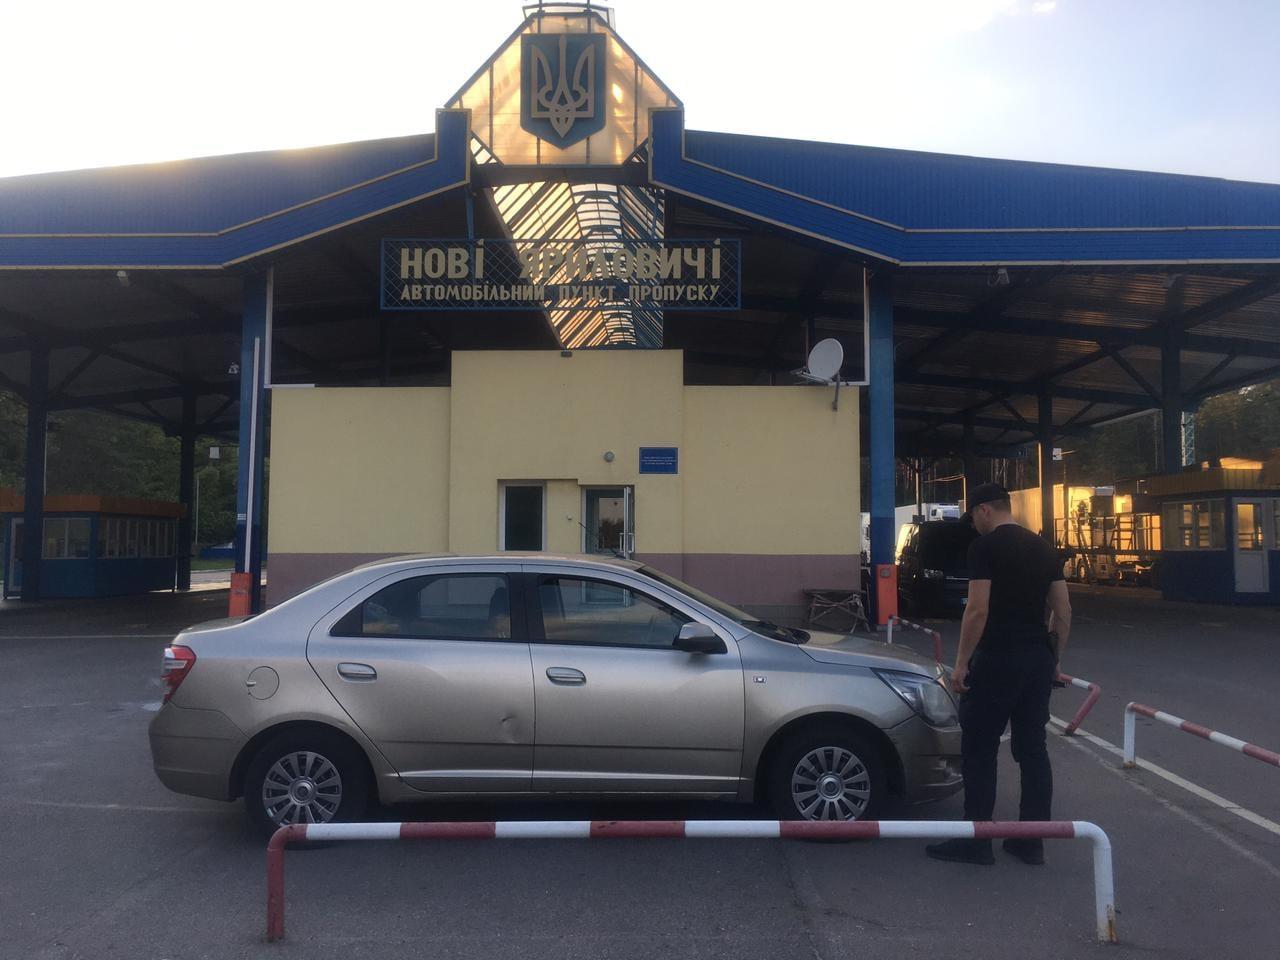 У Нових Яриловичах прикордонники зупинили росіянина, який напідпитку подав заяву про викрадення автівки